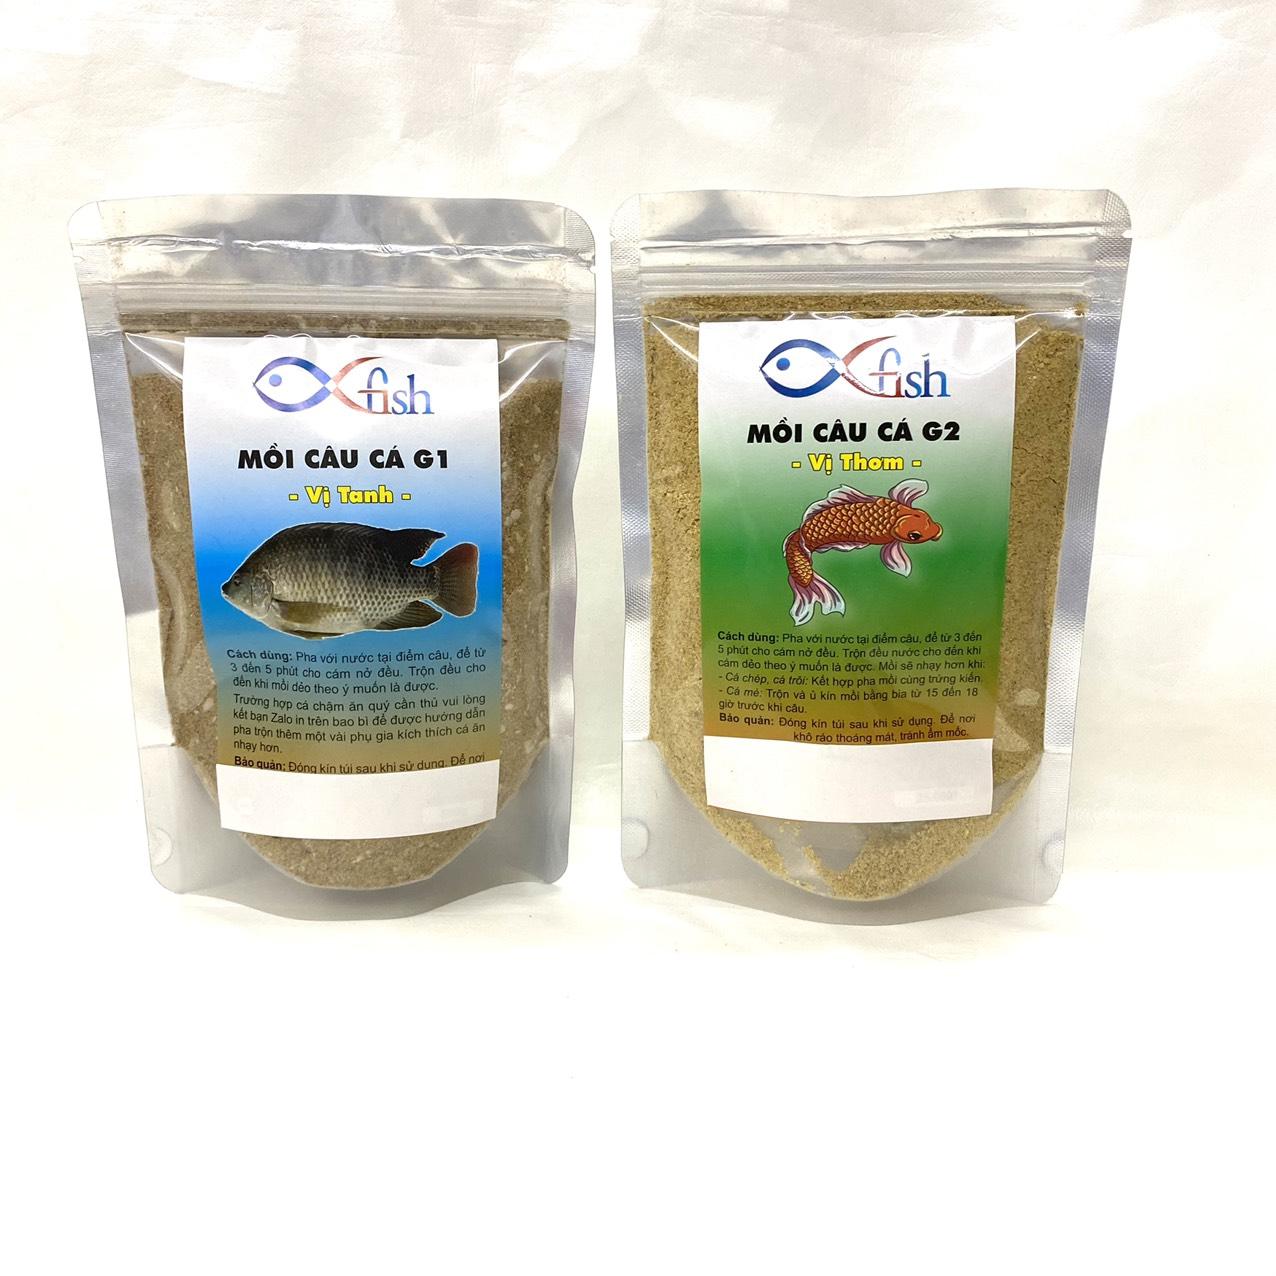 Combo 2 gói mồi câu cá vị thơm vị tanh câu cá chép, rô phi, trắm, trôi, tra, trê, chim,...